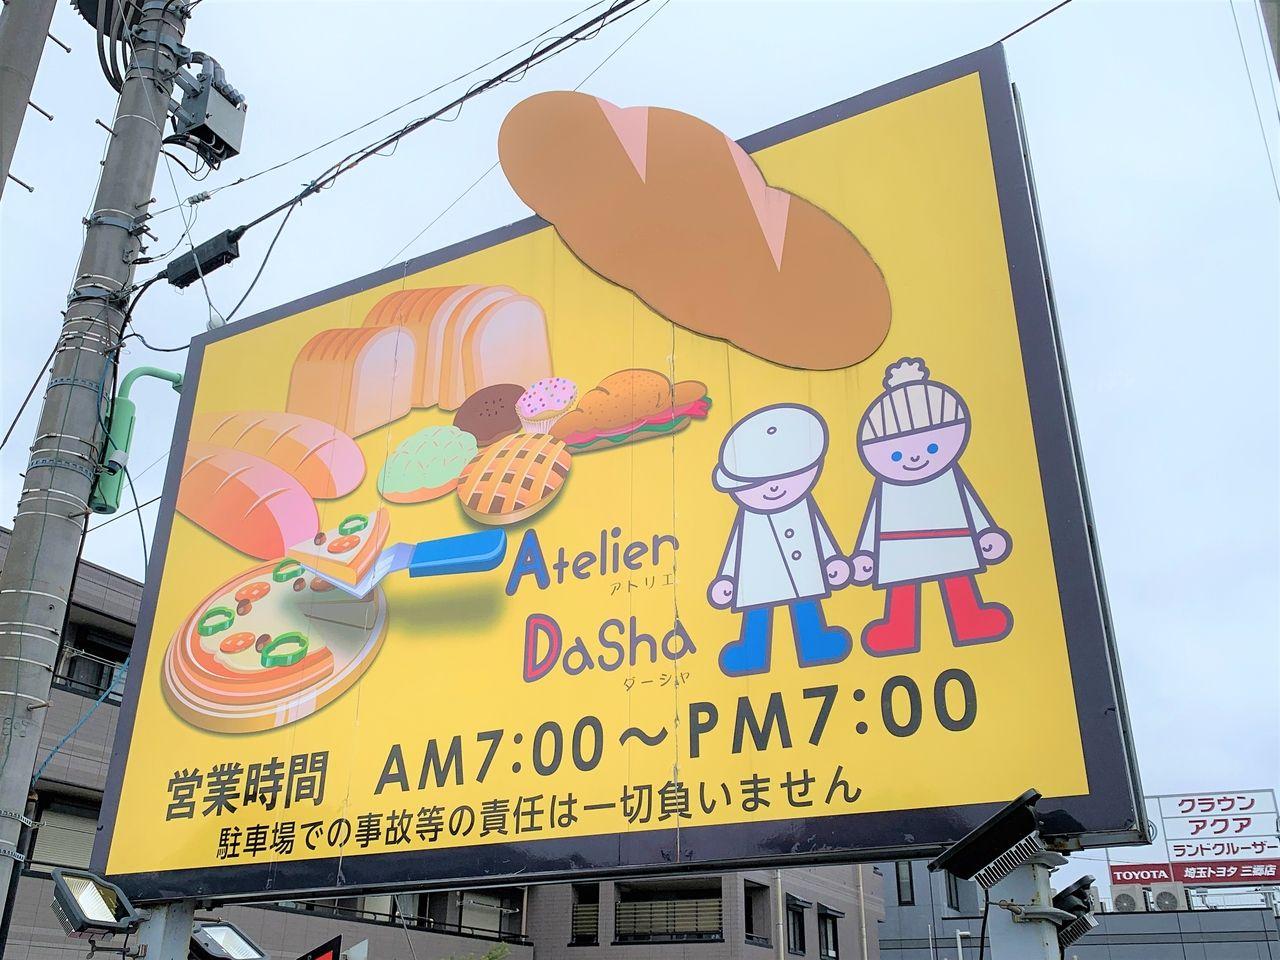 【三郷市食べ歩きブログ】三郷市戸ケ崎3丁目にある手作りパン屋さん「アトリエダーシャ」さんへ行ってきました!